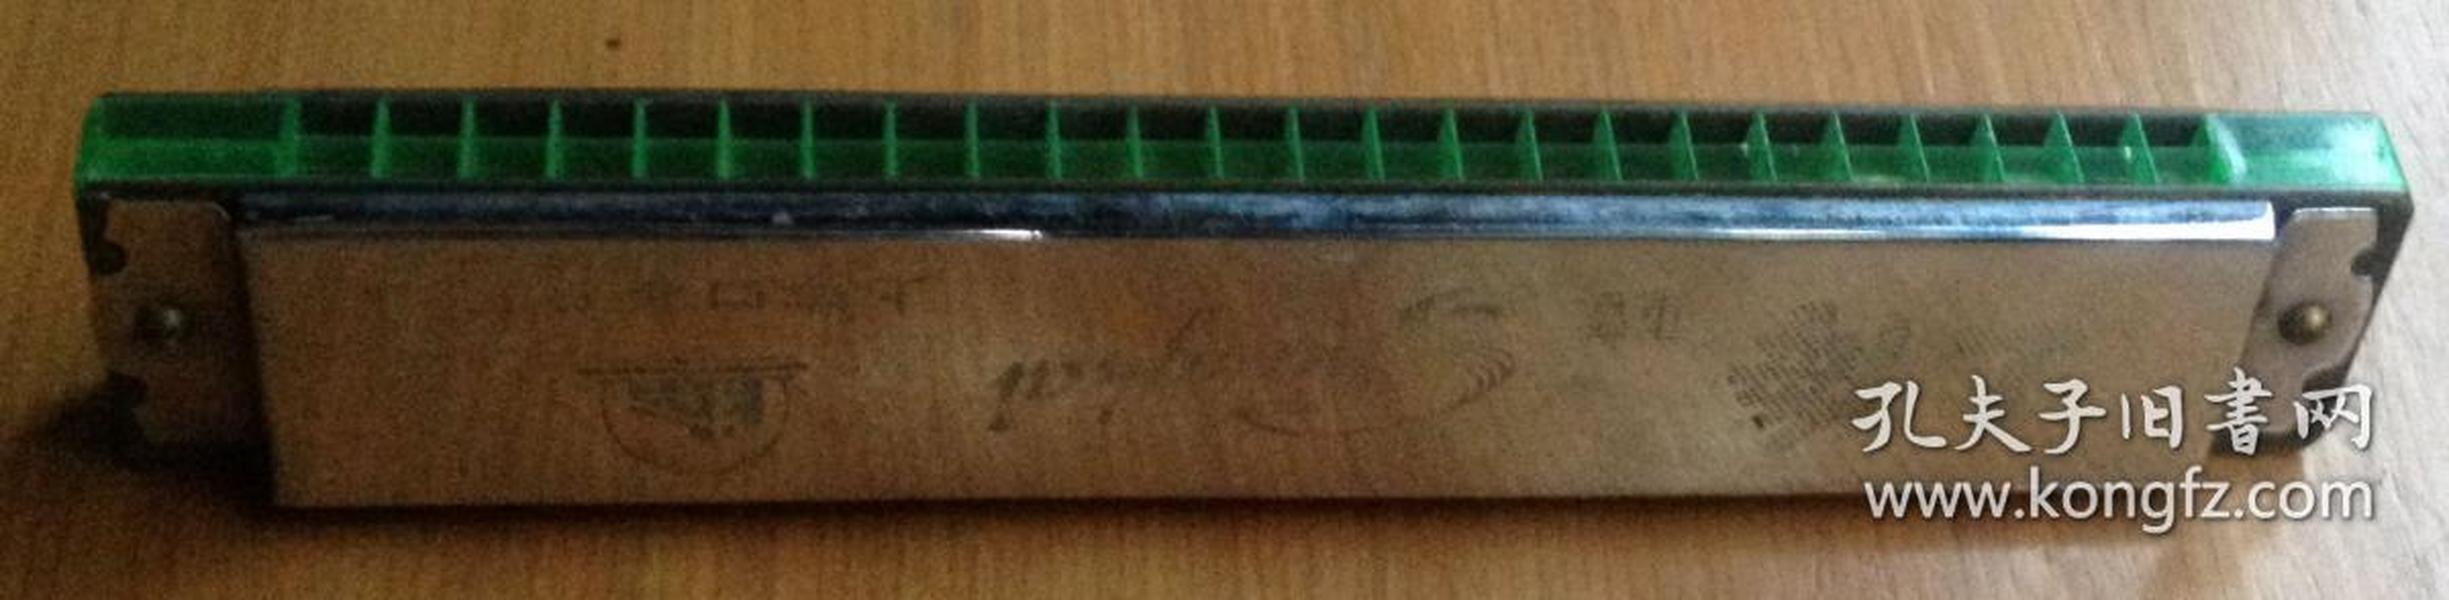 老乐器 上海牌口琴【编号:ZS3】